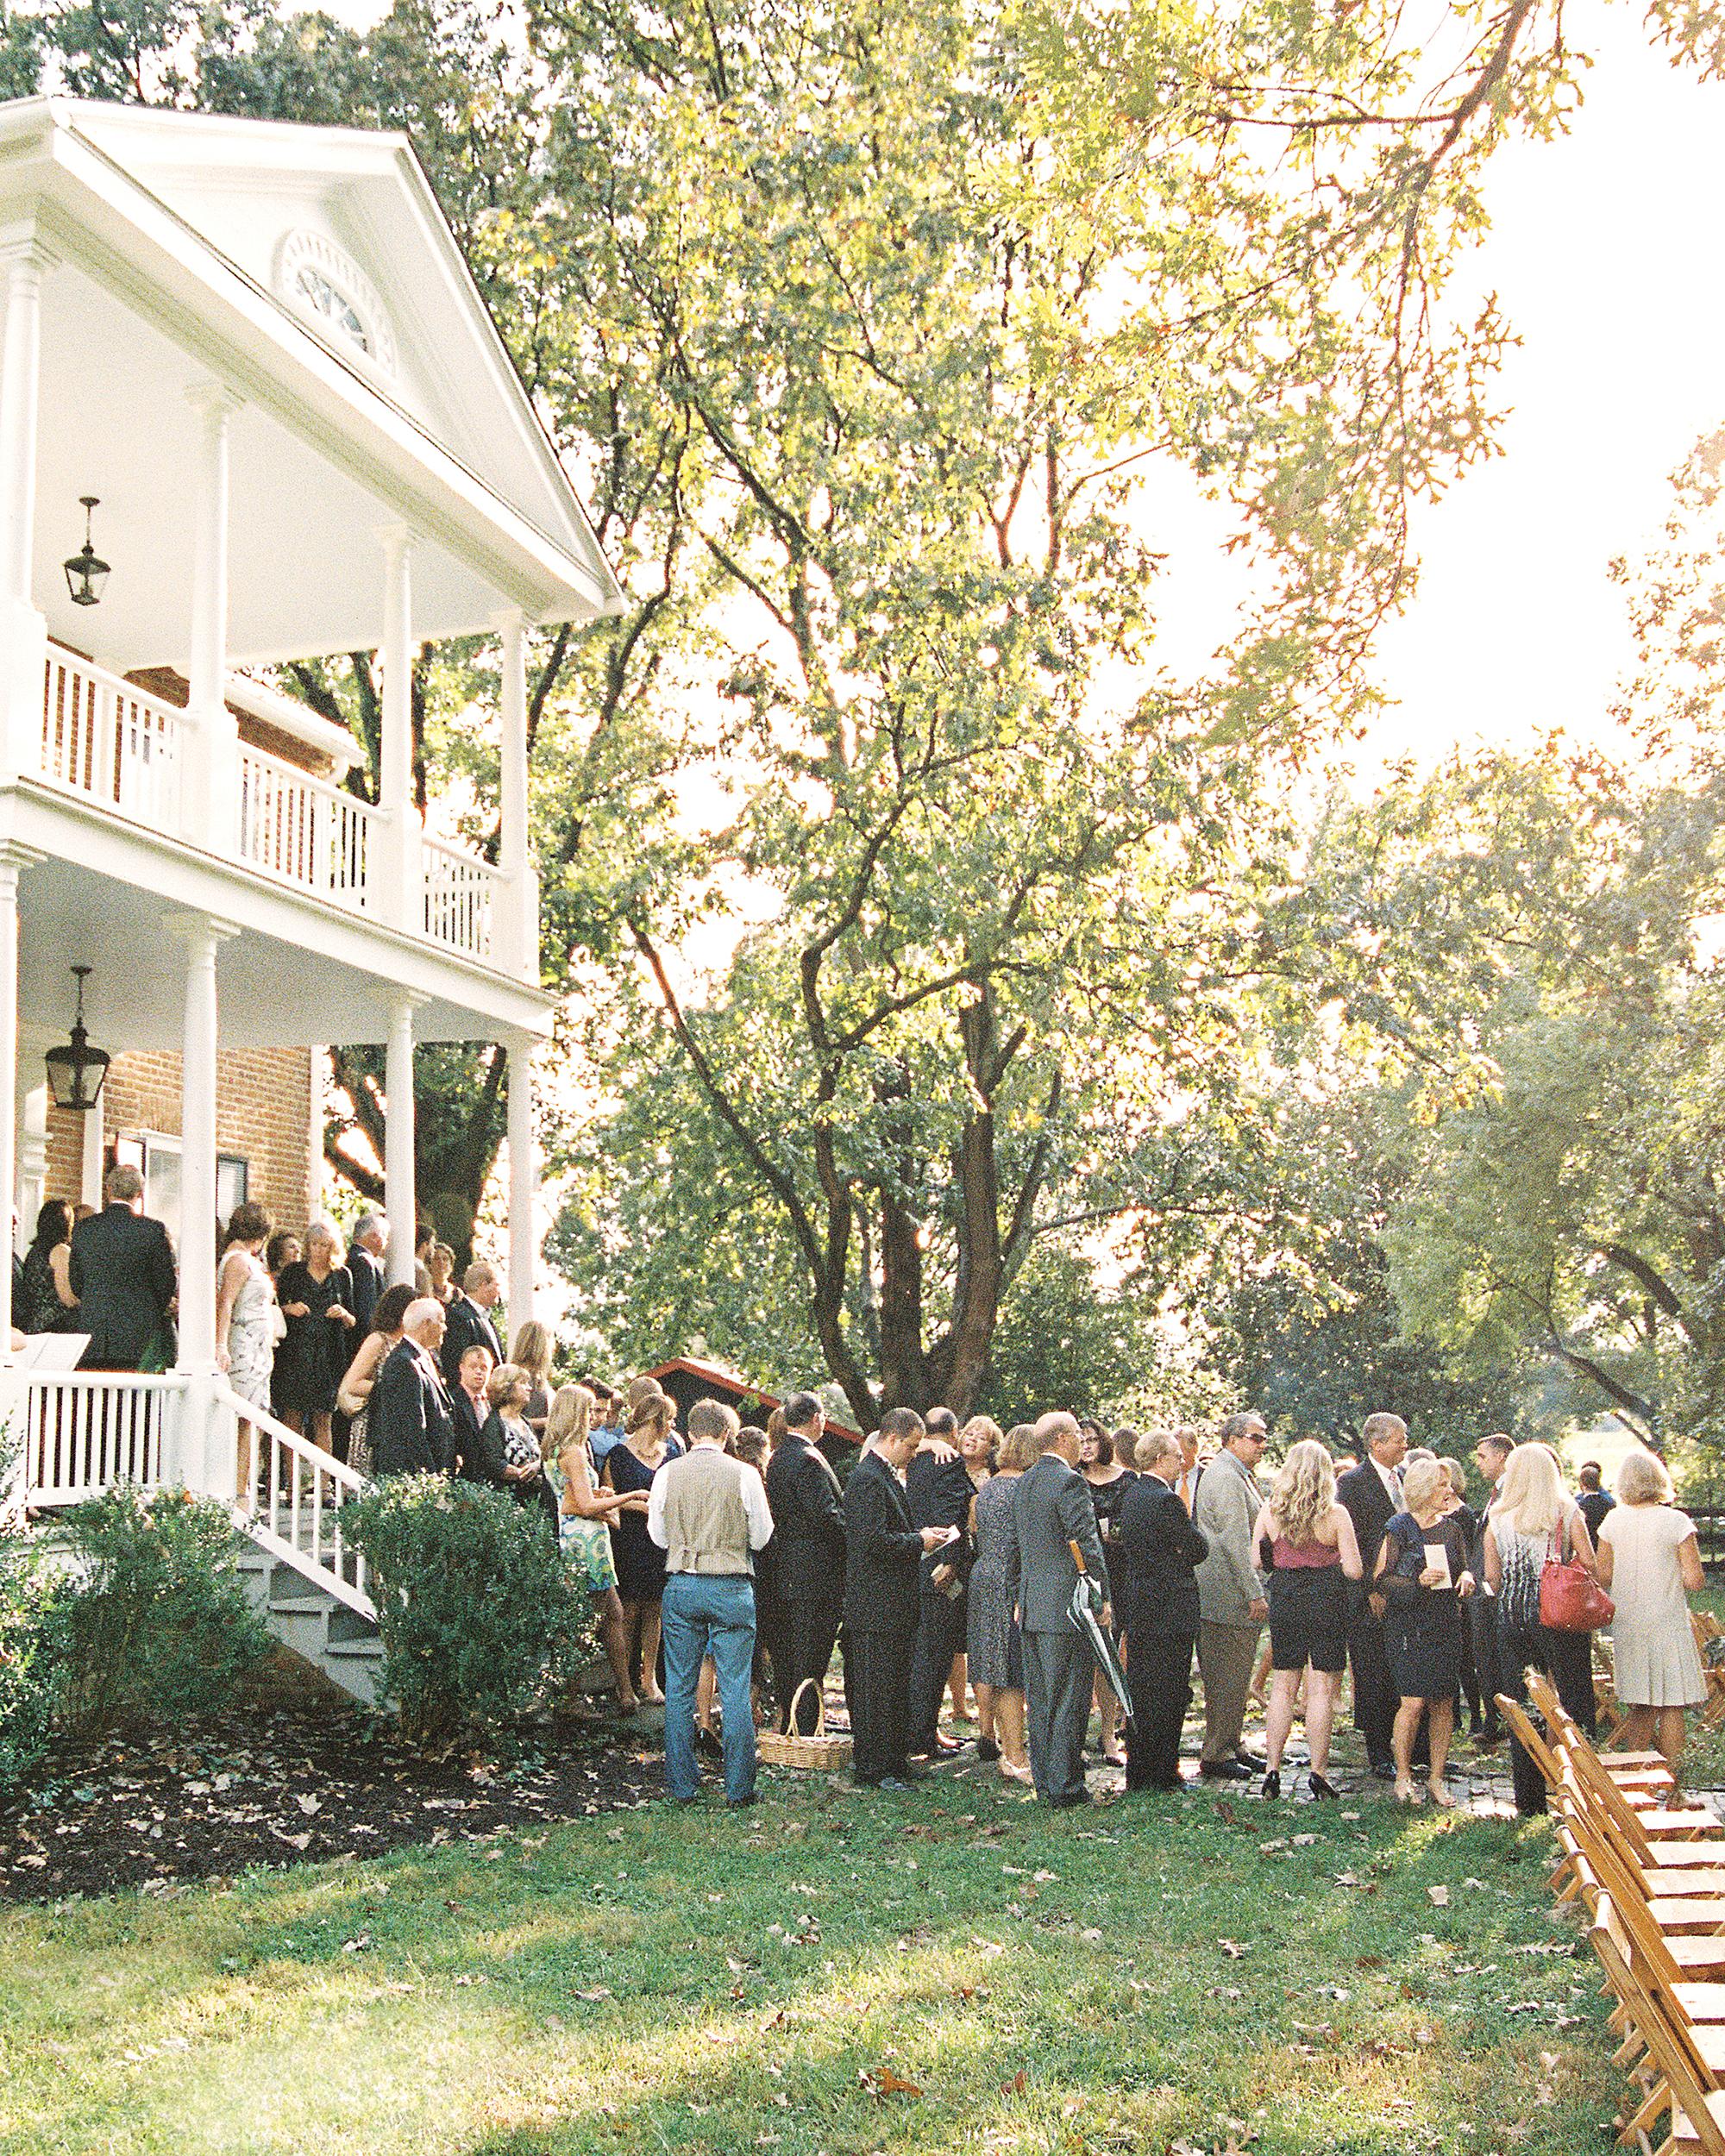 wedding-guests-blaine-carson-wedding-240-mwds110873.jpg